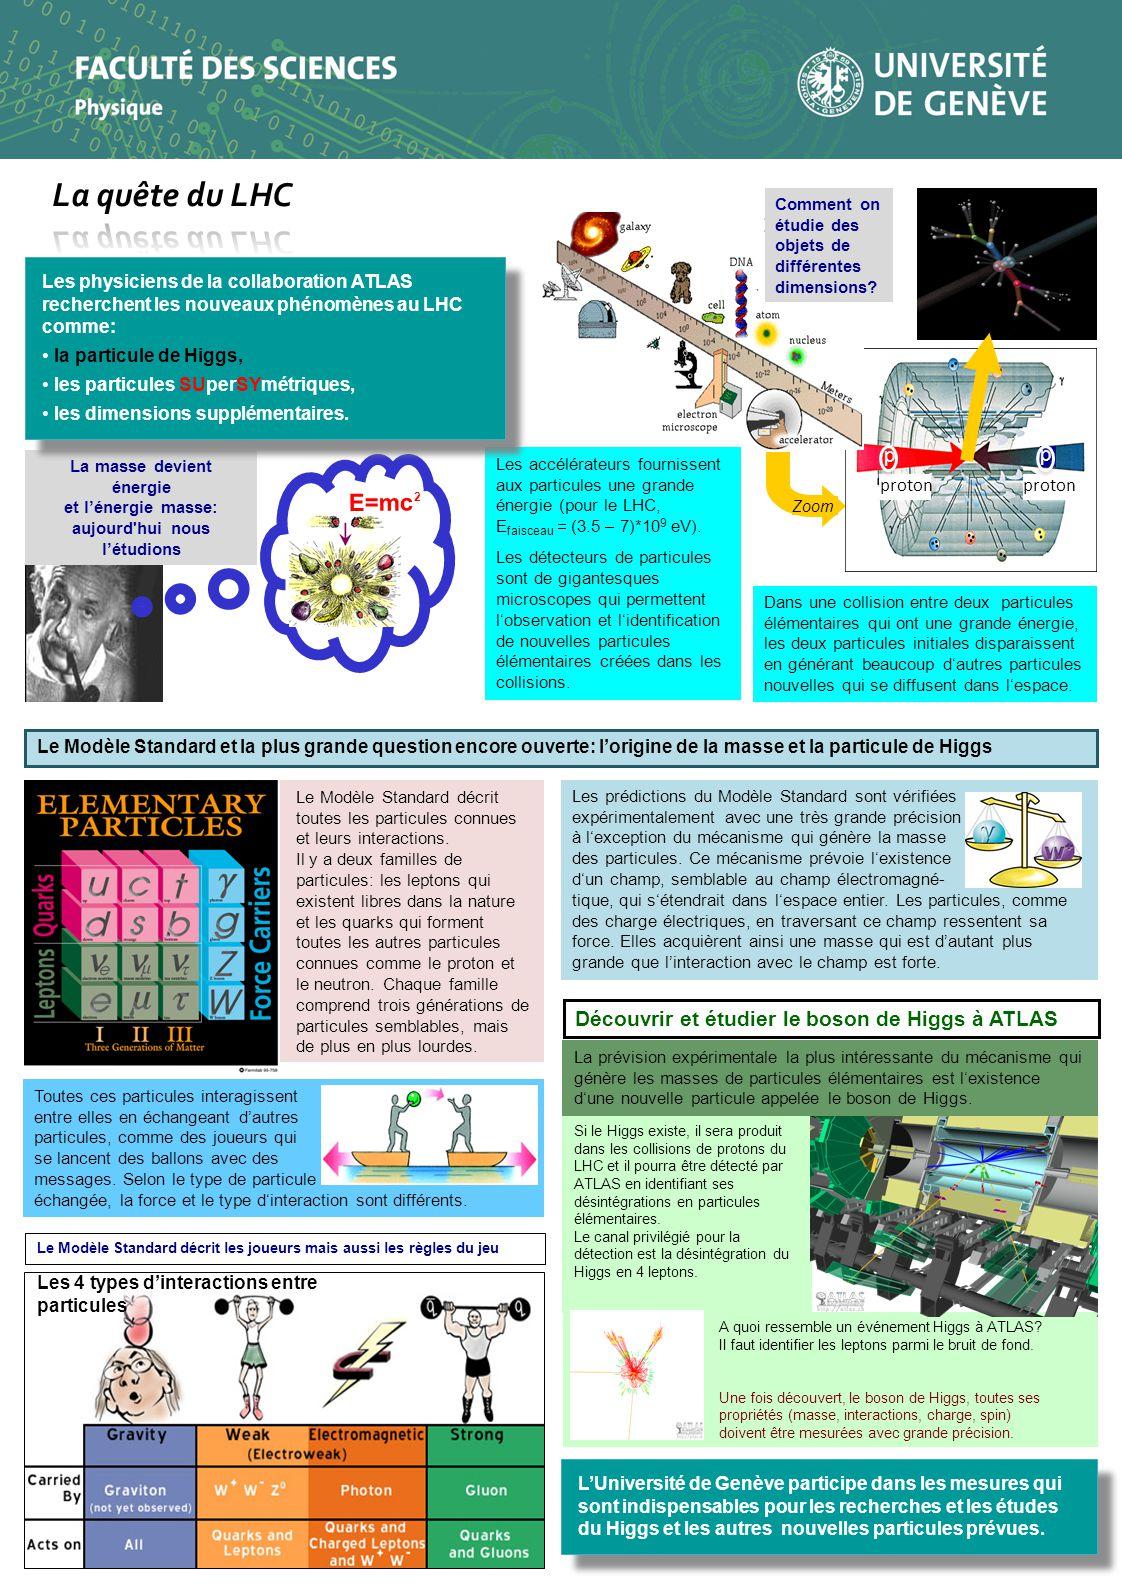 Si le Higgs existe, il sera produit dans les collisions de protons du LHC et il pourra être détecté par ATLAS en identifiant ses désintégrations en particules élémentaires.